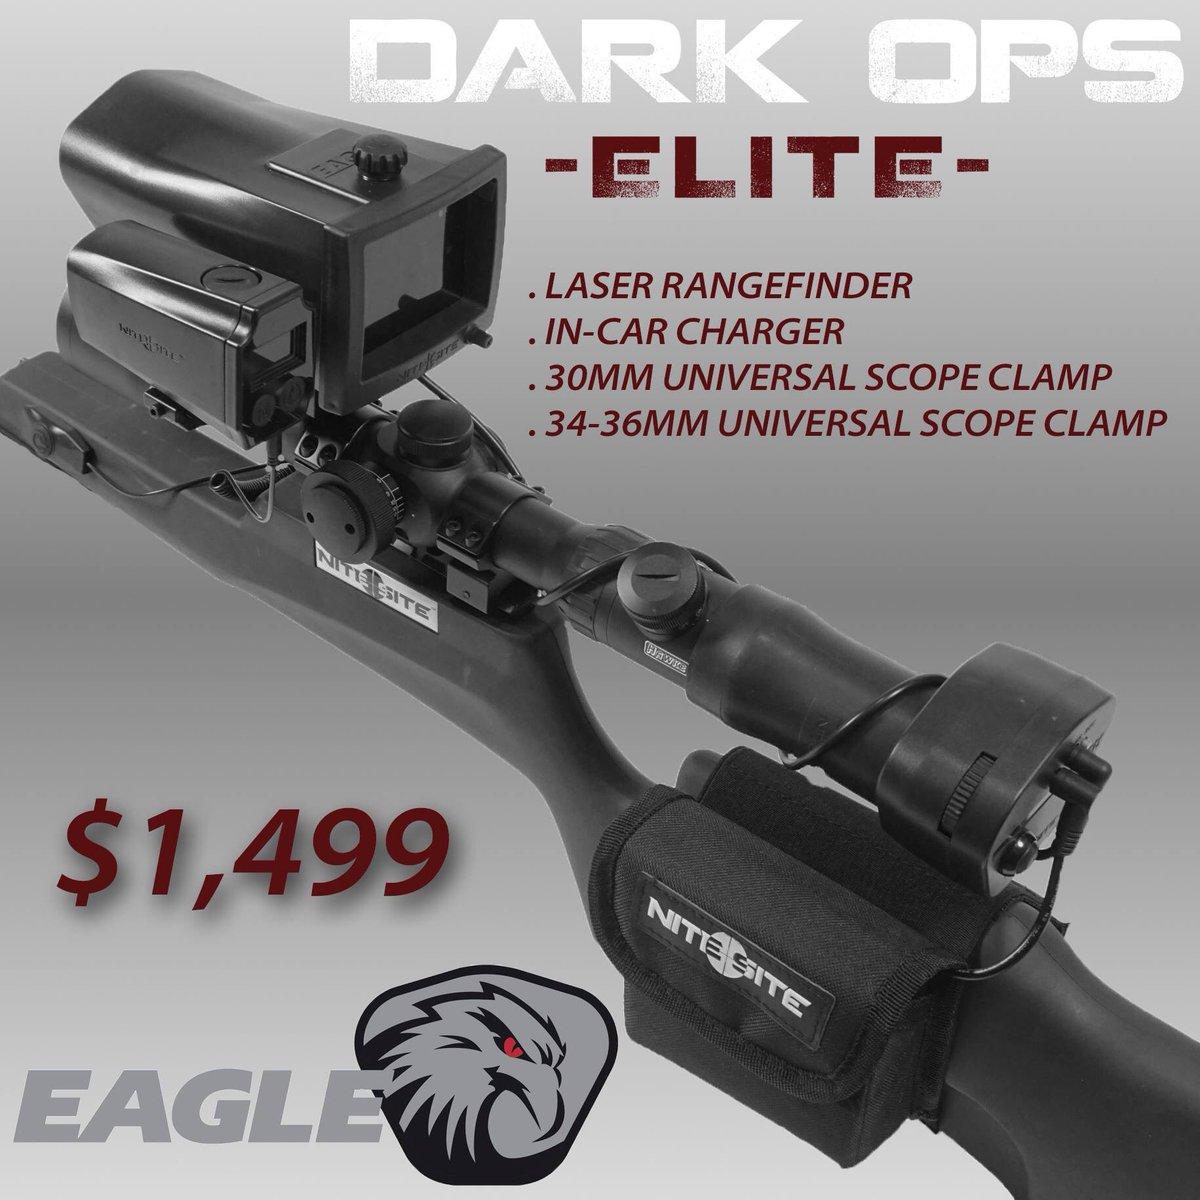 NiteSite 30mm Universal Scope Clamp by Nitesite